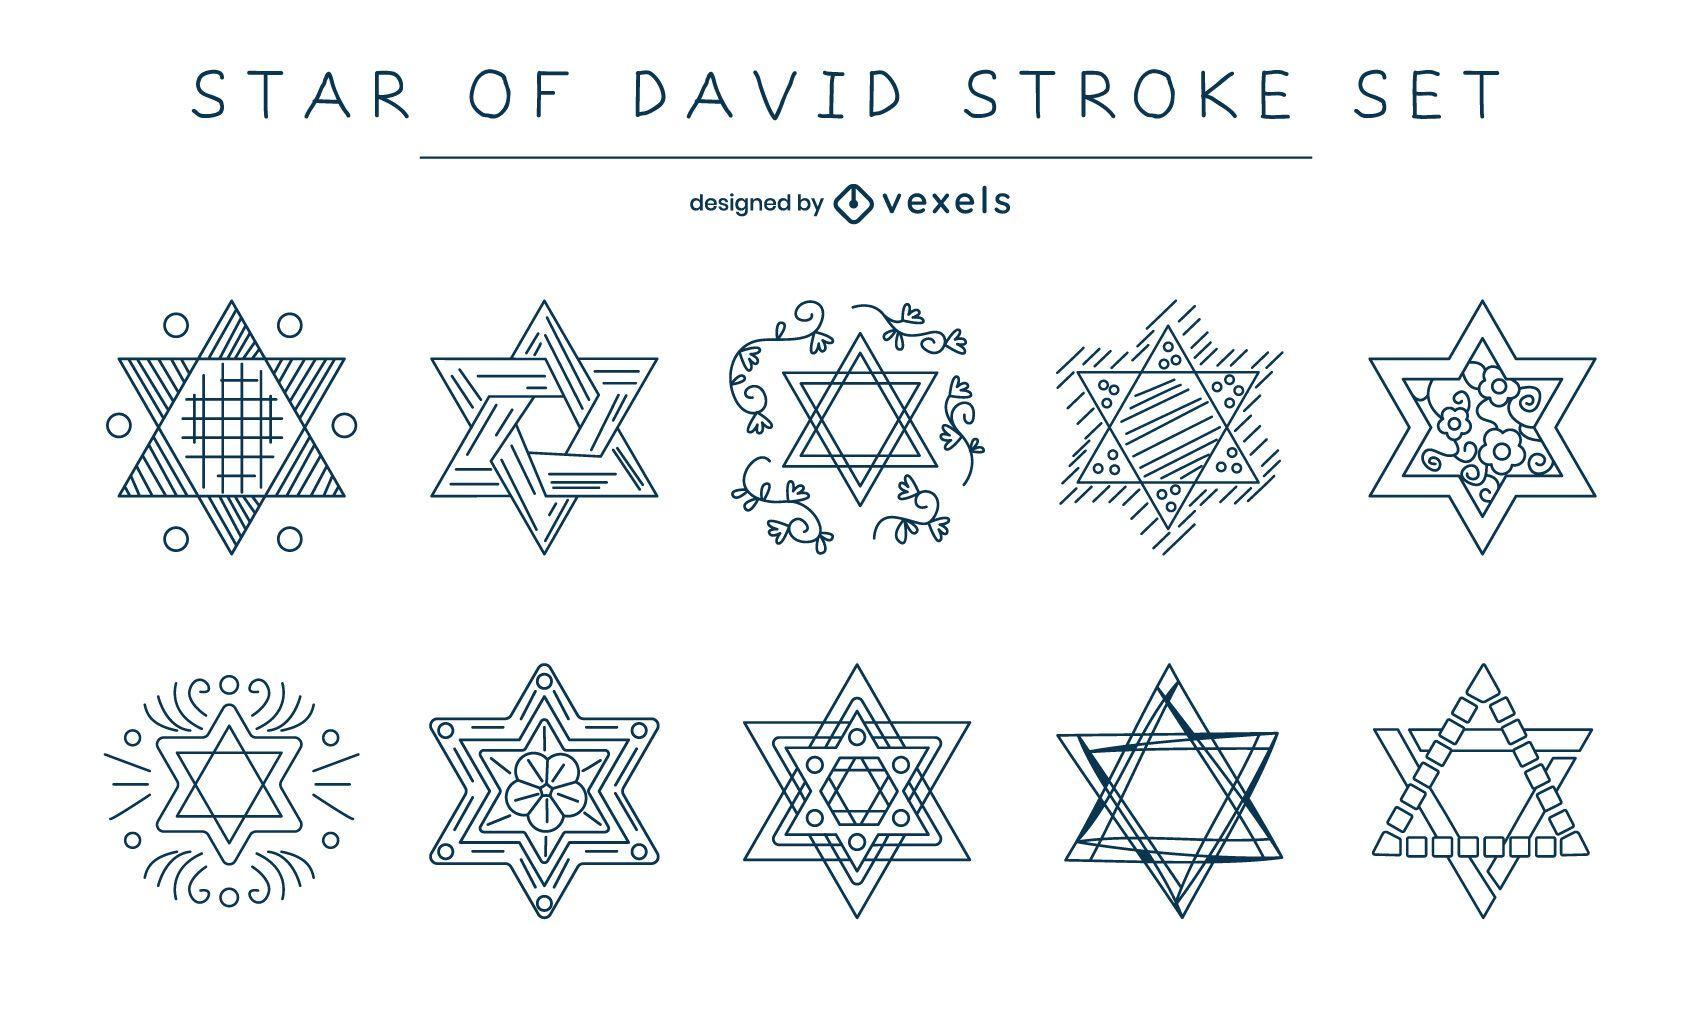 Star of david stroke set